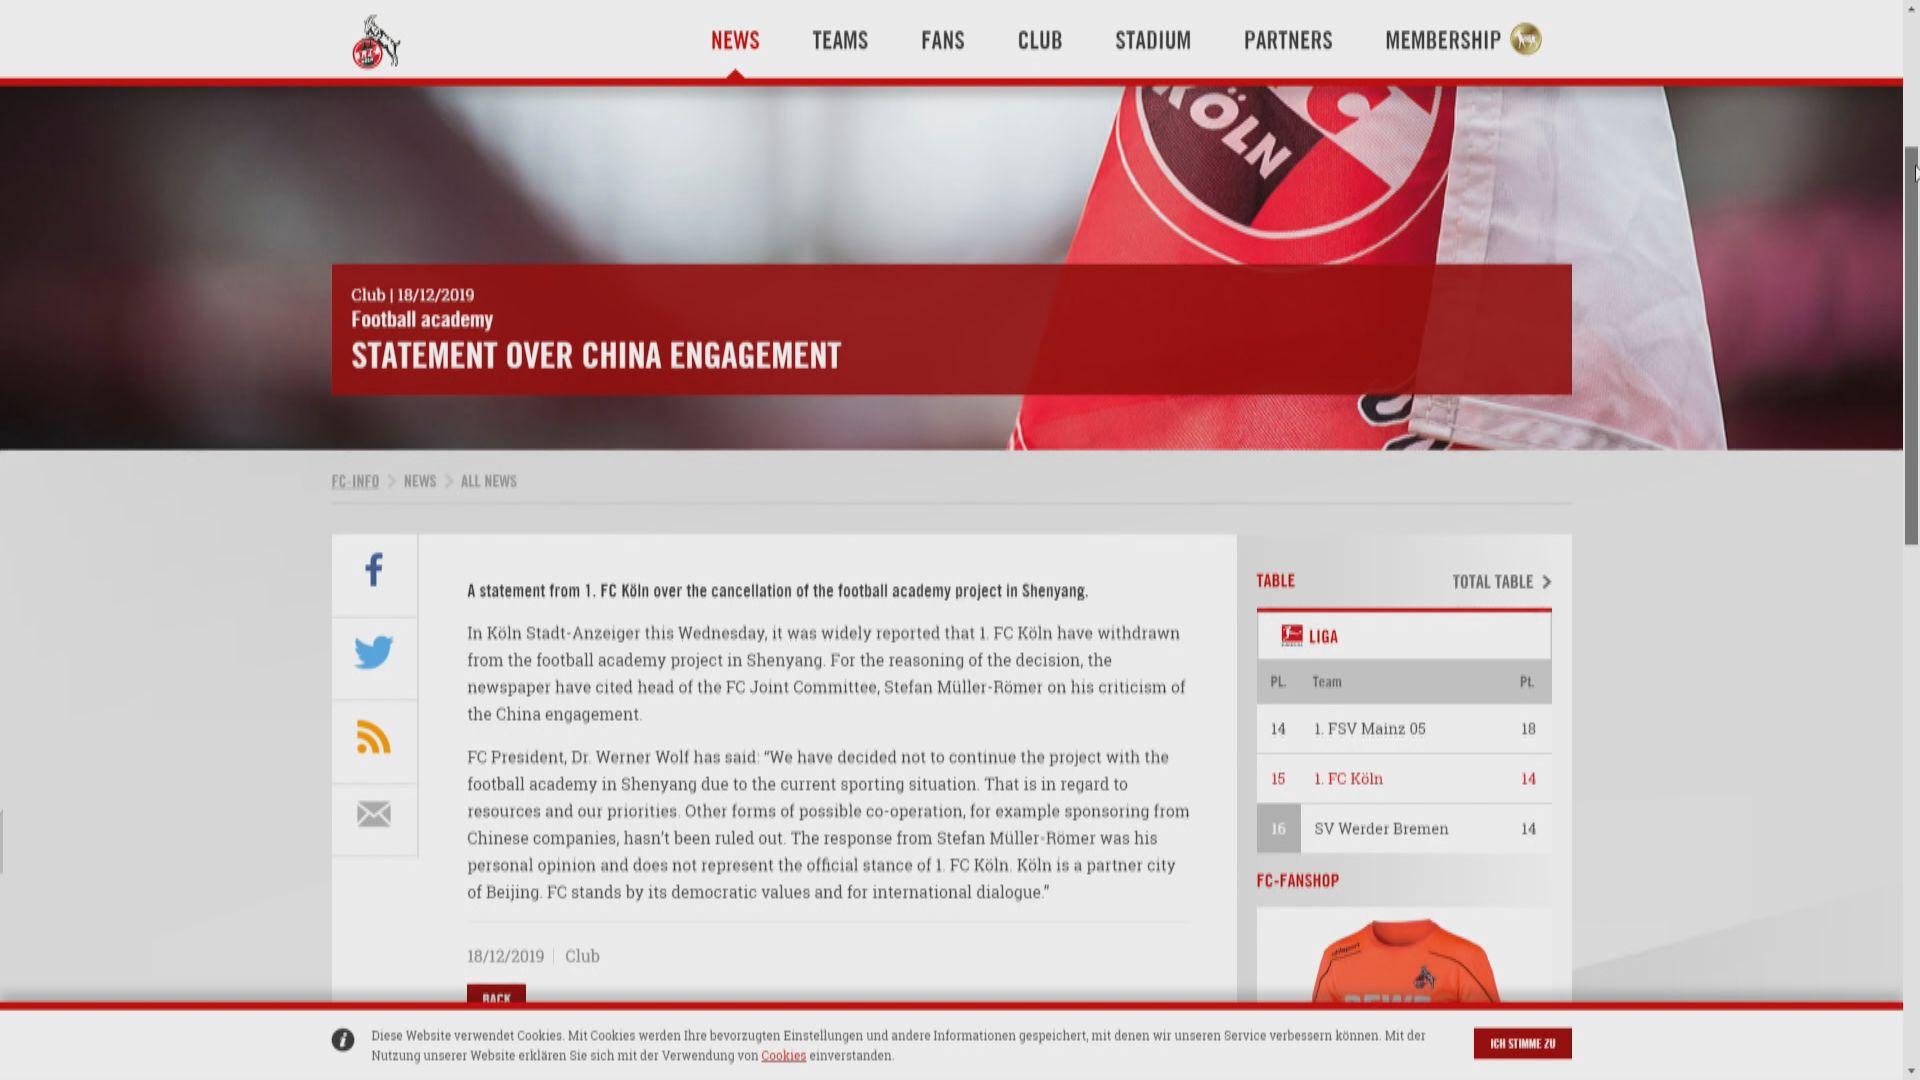 德甲球會科隆取消中國足球學校計劃